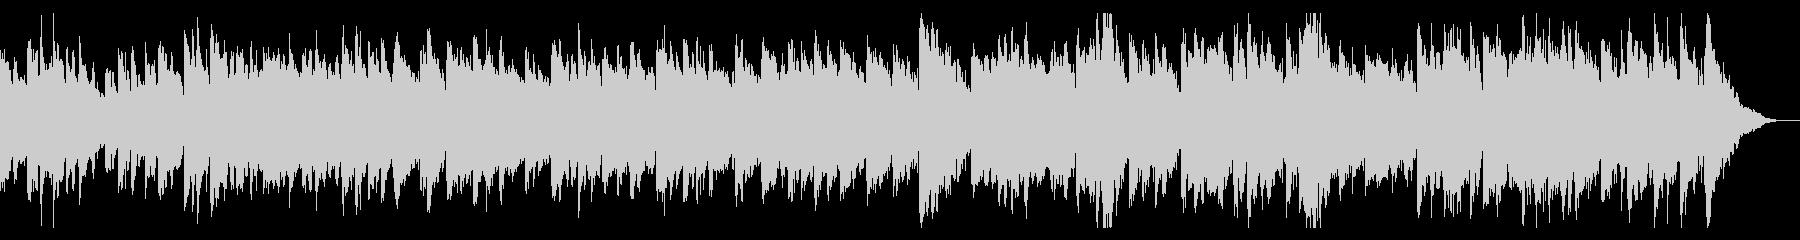 ロシア歌曲「赤いサラファン」シンセ版の未再生の波形